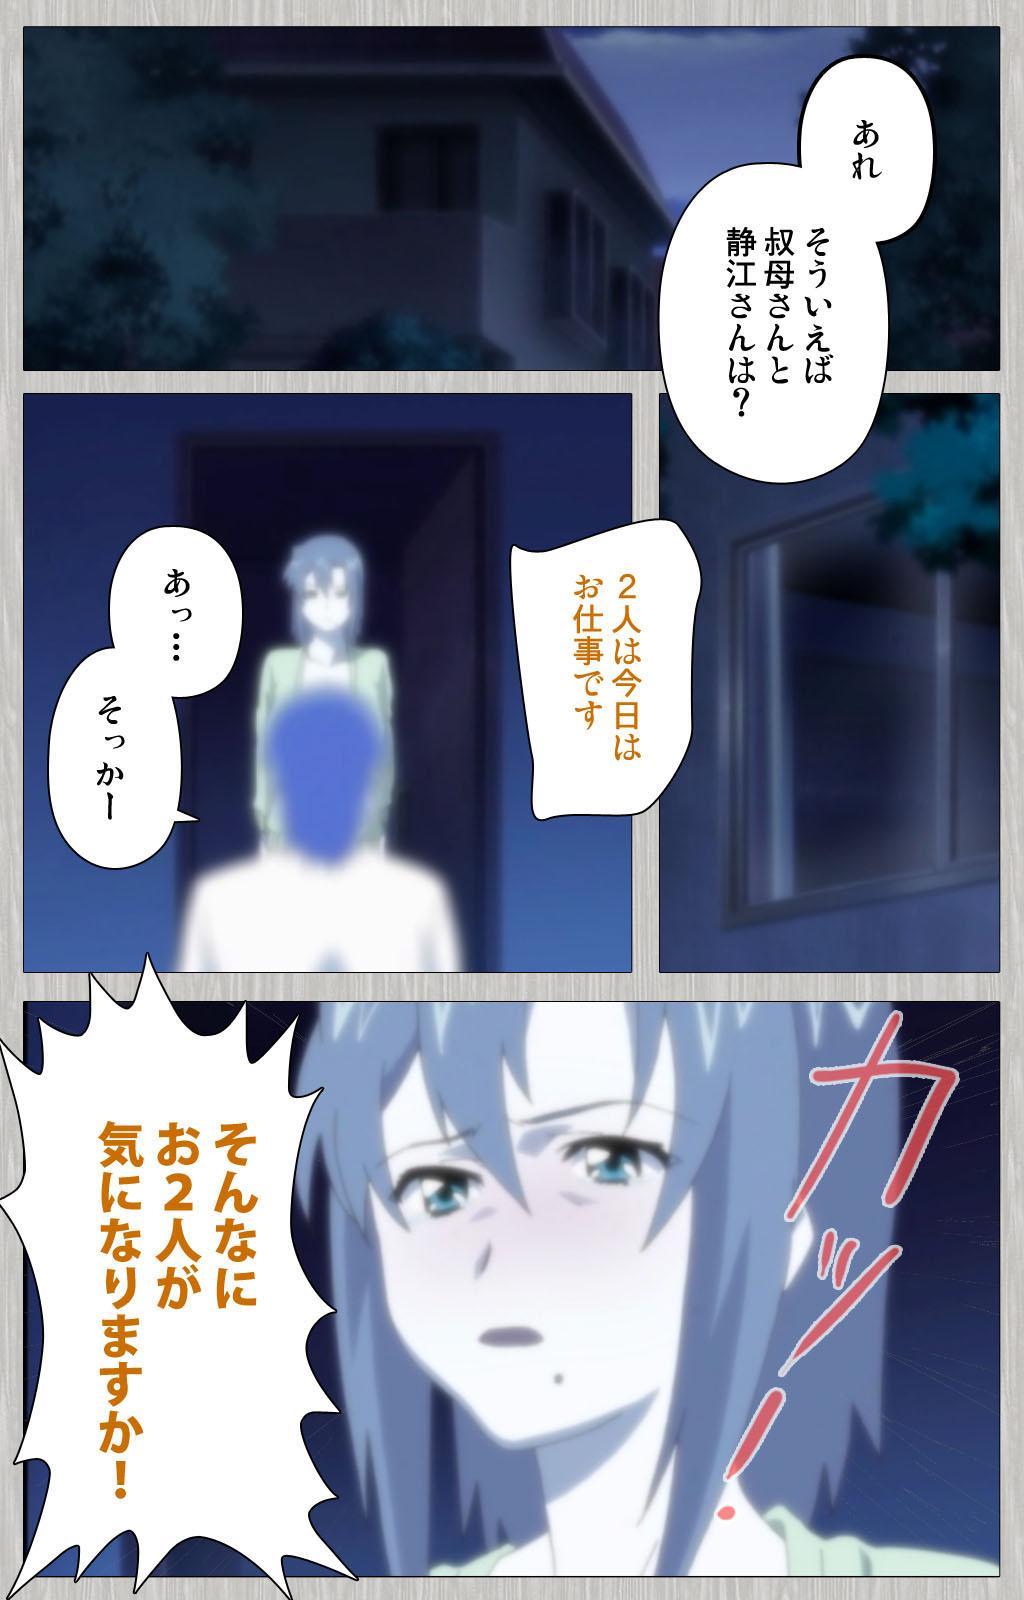 Tsuma no haha Sayuri Kanzenban 204